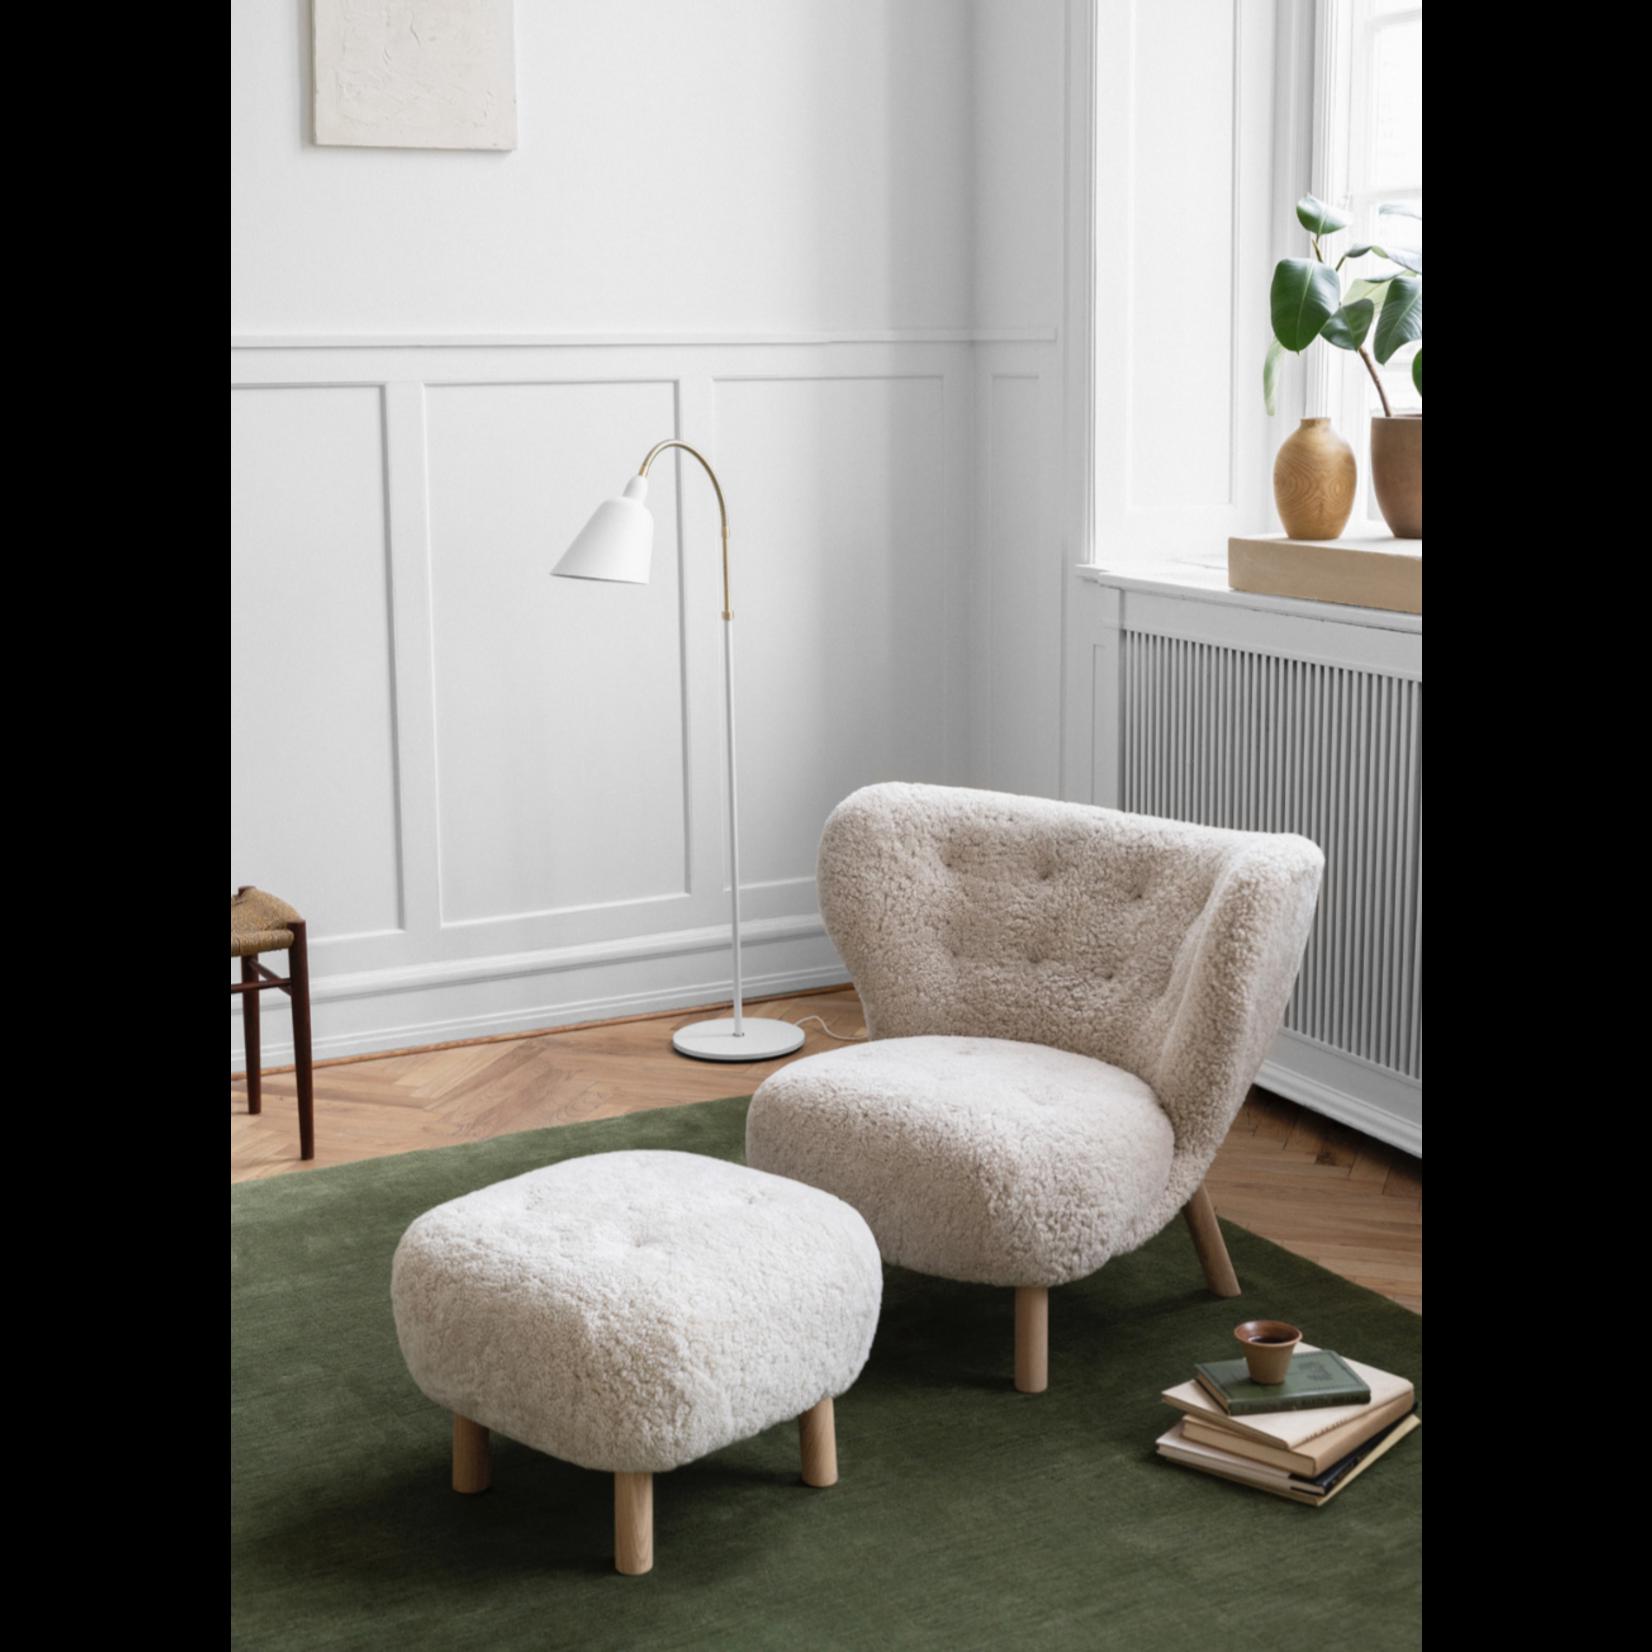 &Tradition Little Petra VB1 | Chêne huilé blanc w. Peau de mouton clair de lune